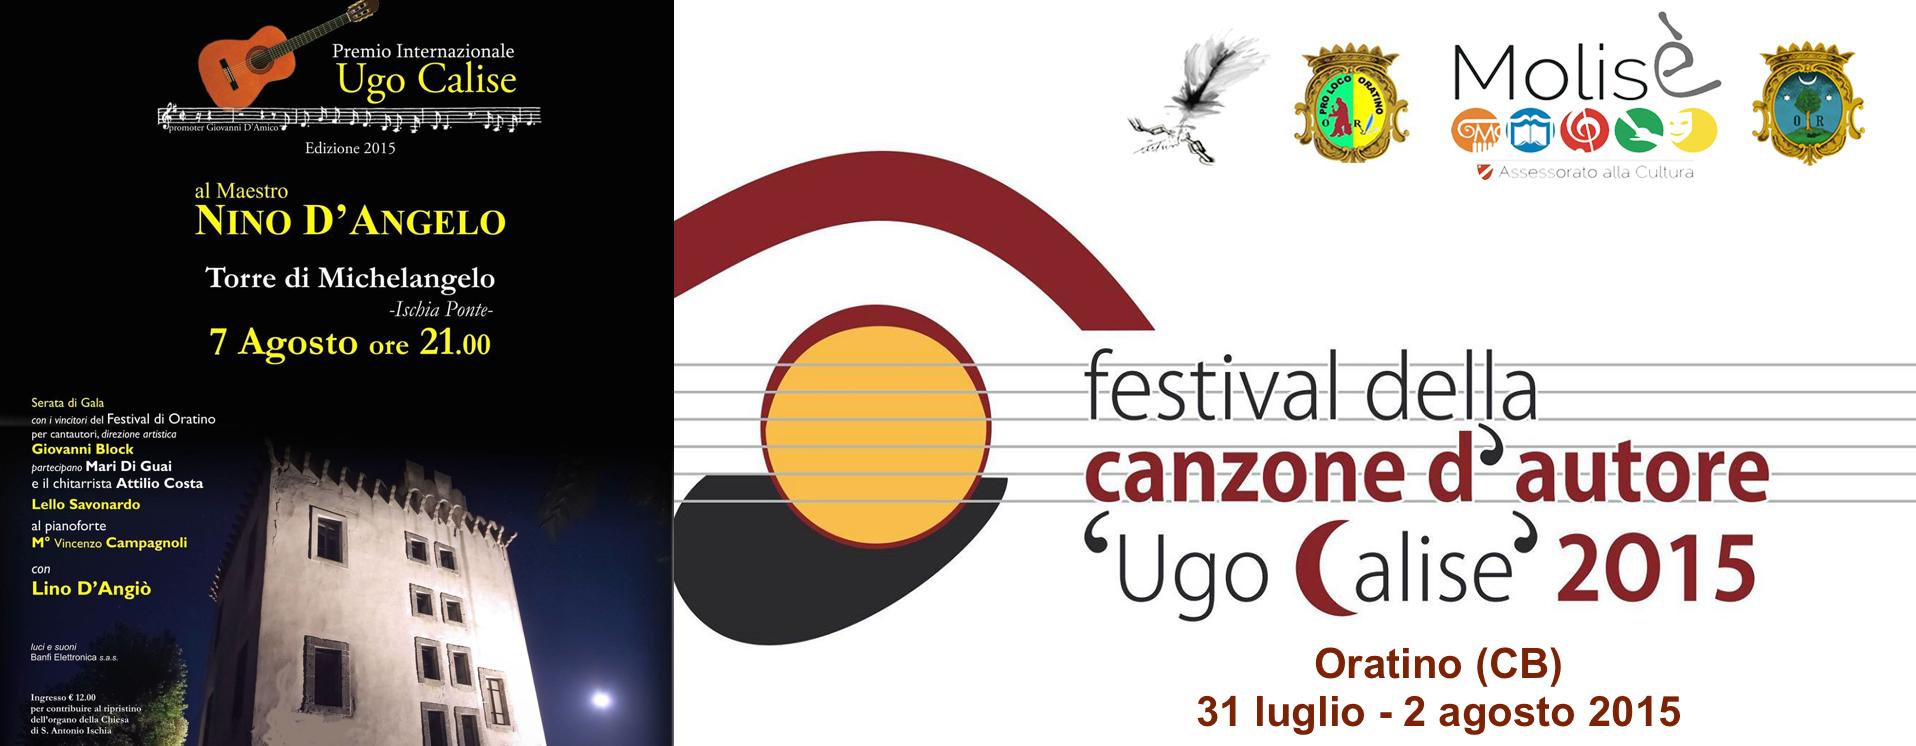 2015.07.22 - La memoria ed il futuro della musica napoletana in un doppio appuntamento dedicato ad Ugo Calise 4